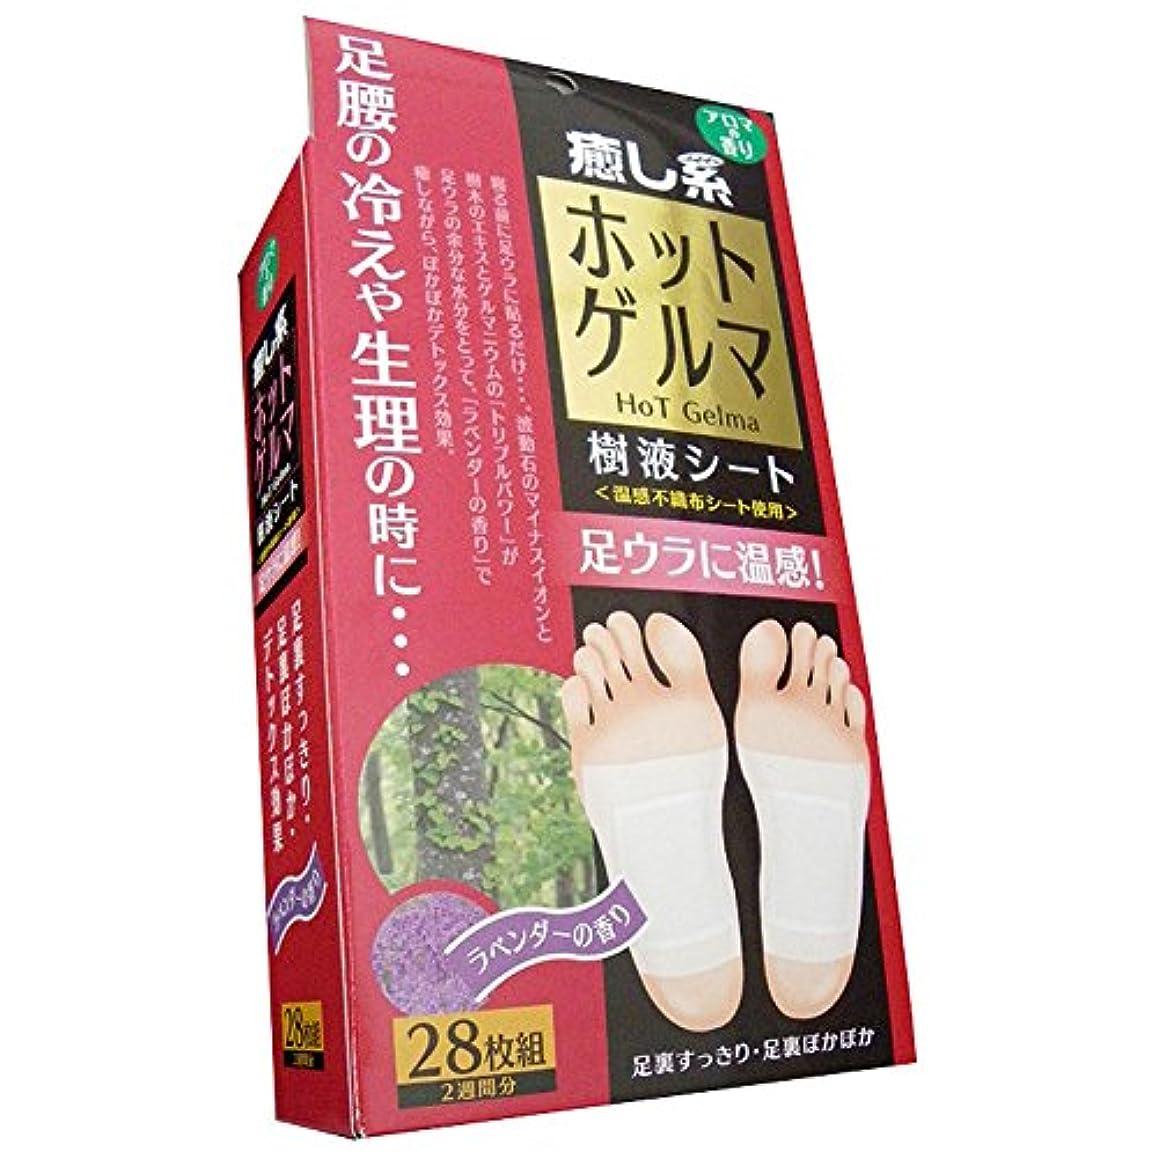 扱いやすい近代化食い違い日本製 HADARIKI ホットゲルマ樹液シート28枚組 2週間分 ラベンダーの香り 足 裏 樹液 シート フット ケア 足ツボ 健康 まとめ買い